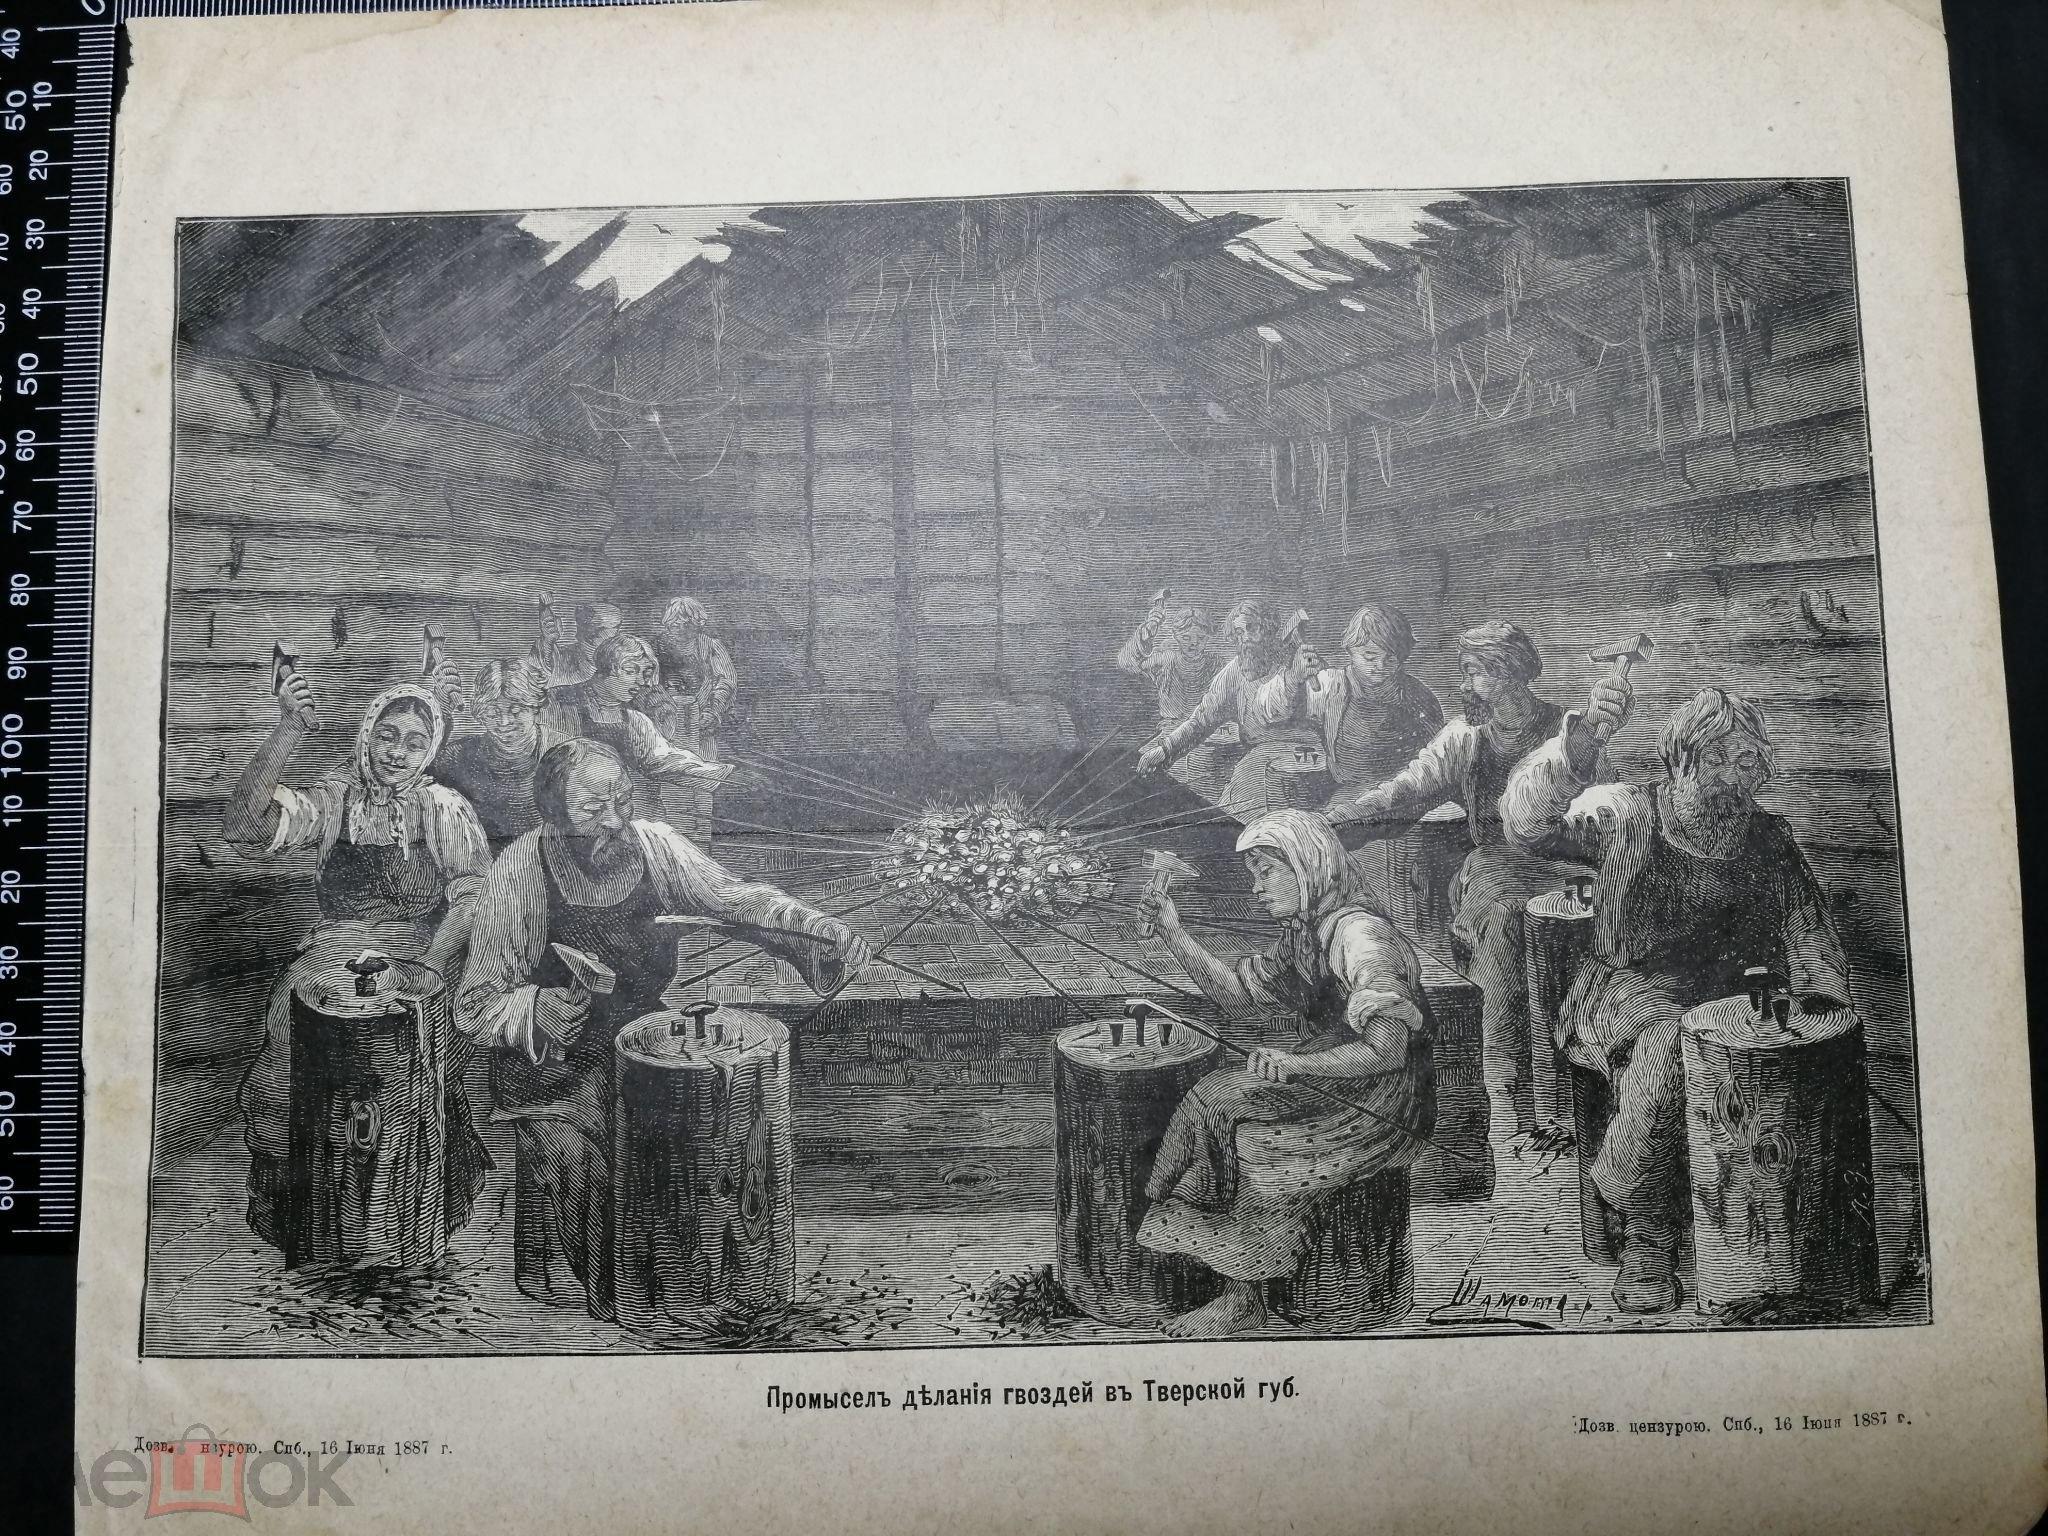 Музей под Тверью купил старинную гравюру всего за 700 рублей